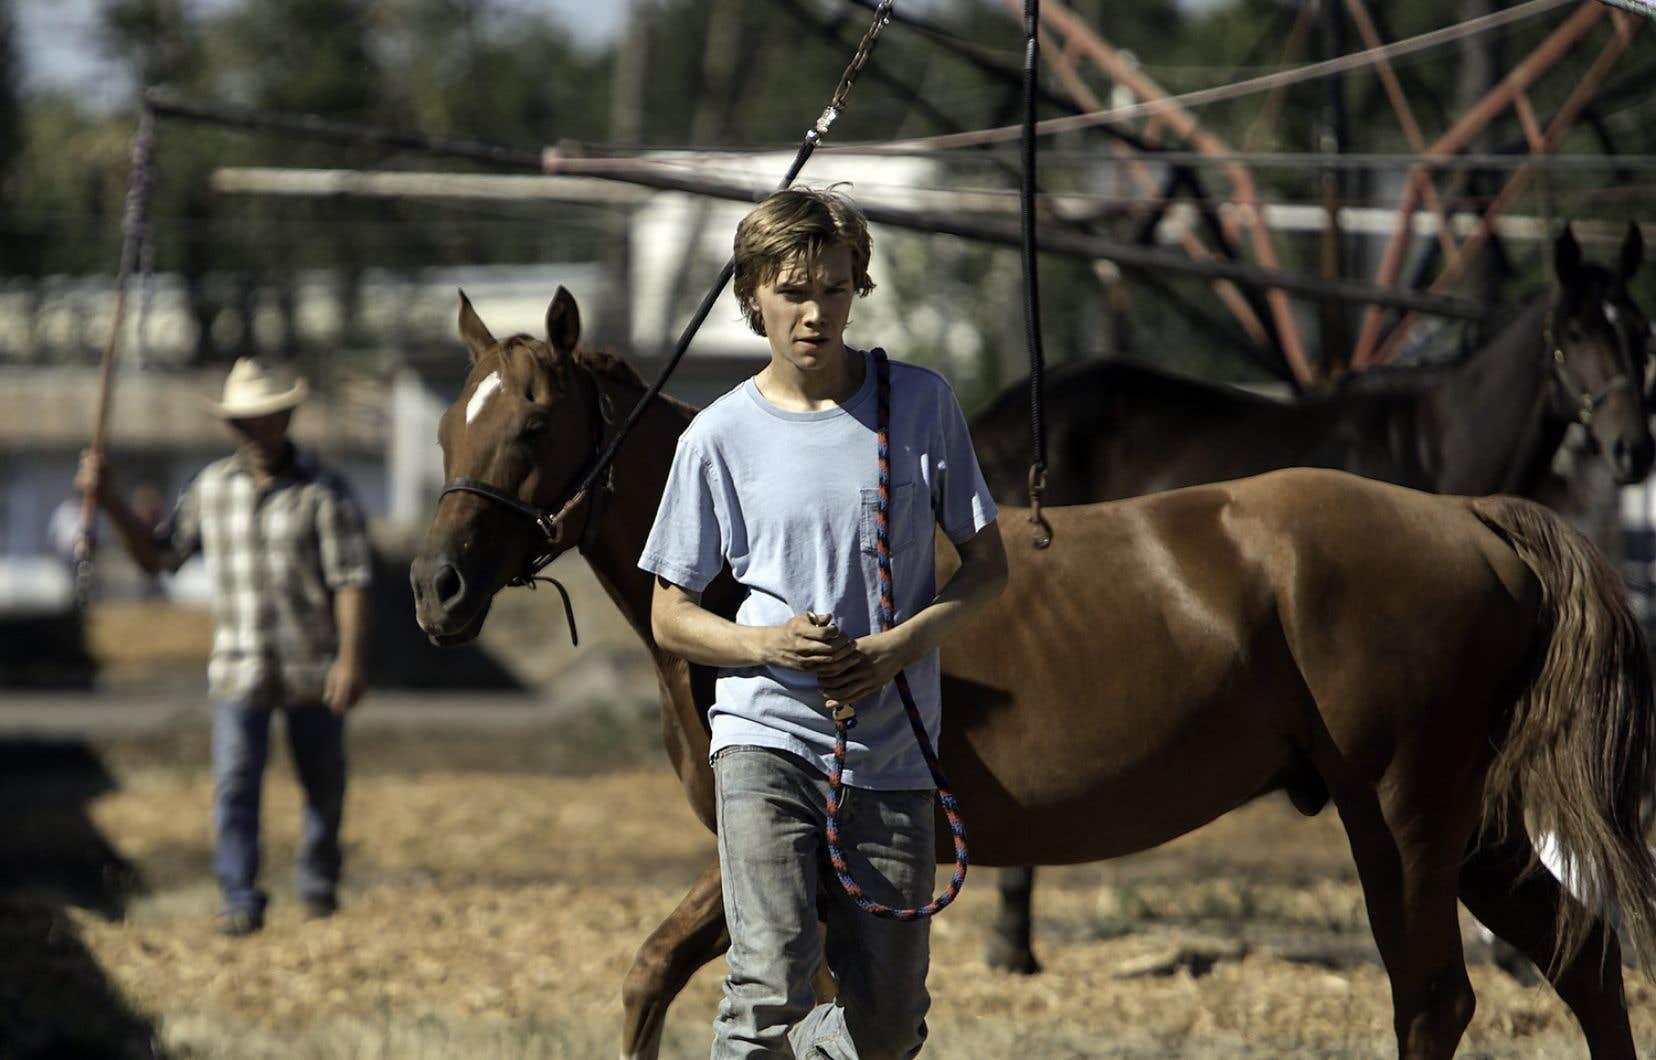 «Lean on Pete» relate les tribulations de Charley, un garçon de 15 ans qui, dans sa fuite, entraîne un cheval promis à l'abattoir.